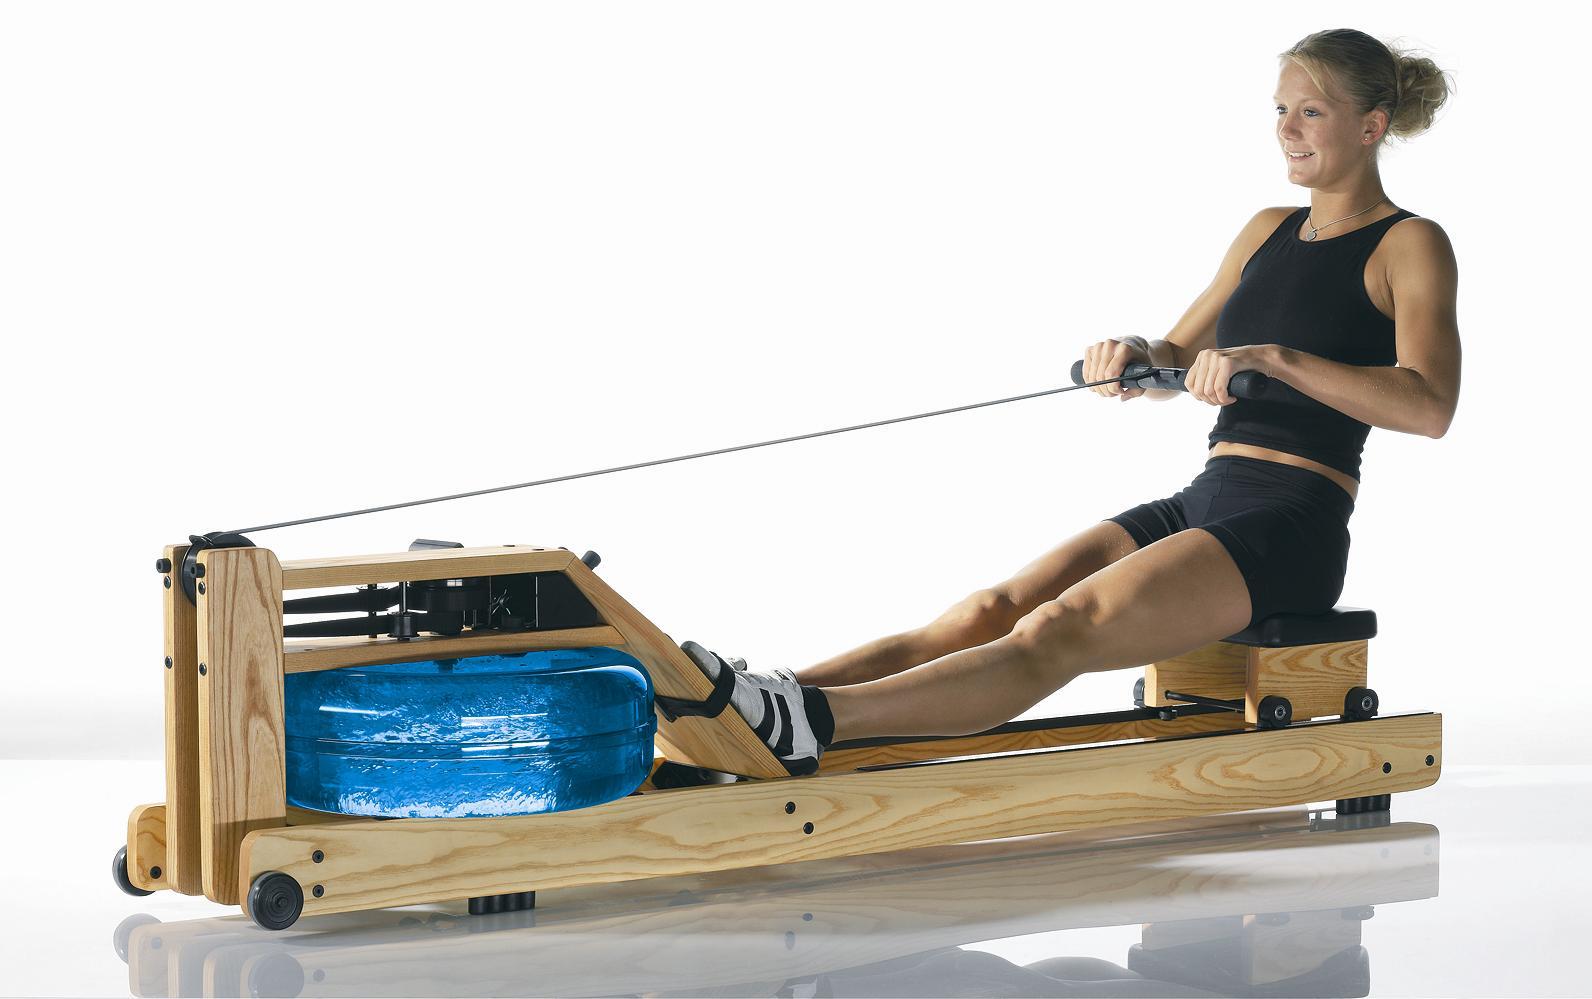 WaterRower_Rowing_Simulator.jpg